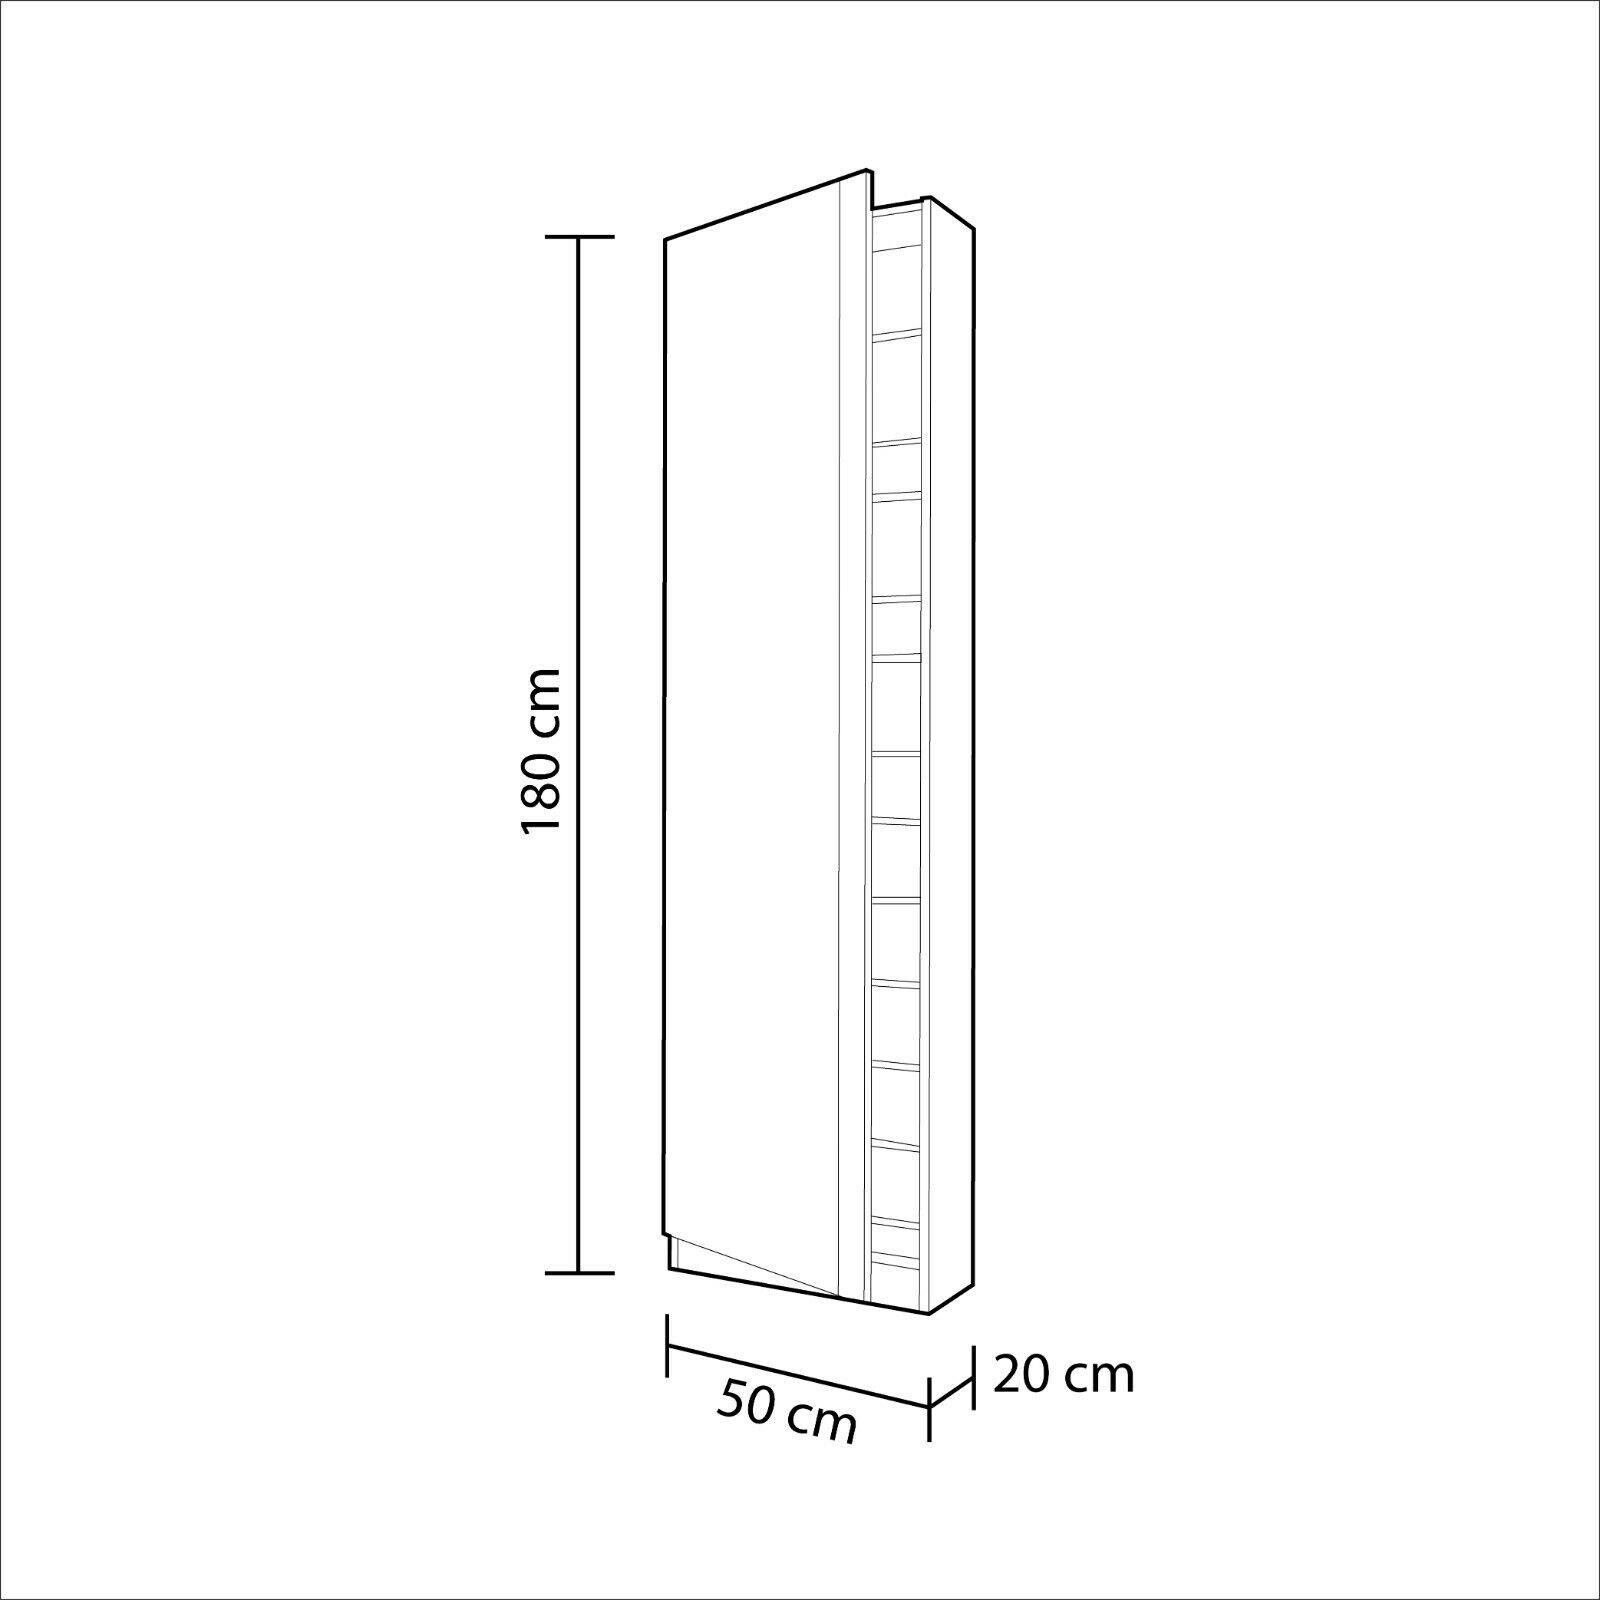 s l1600 - Mueble zapatero con puerta cristal espejo, armario zapatero  Roble Canadian